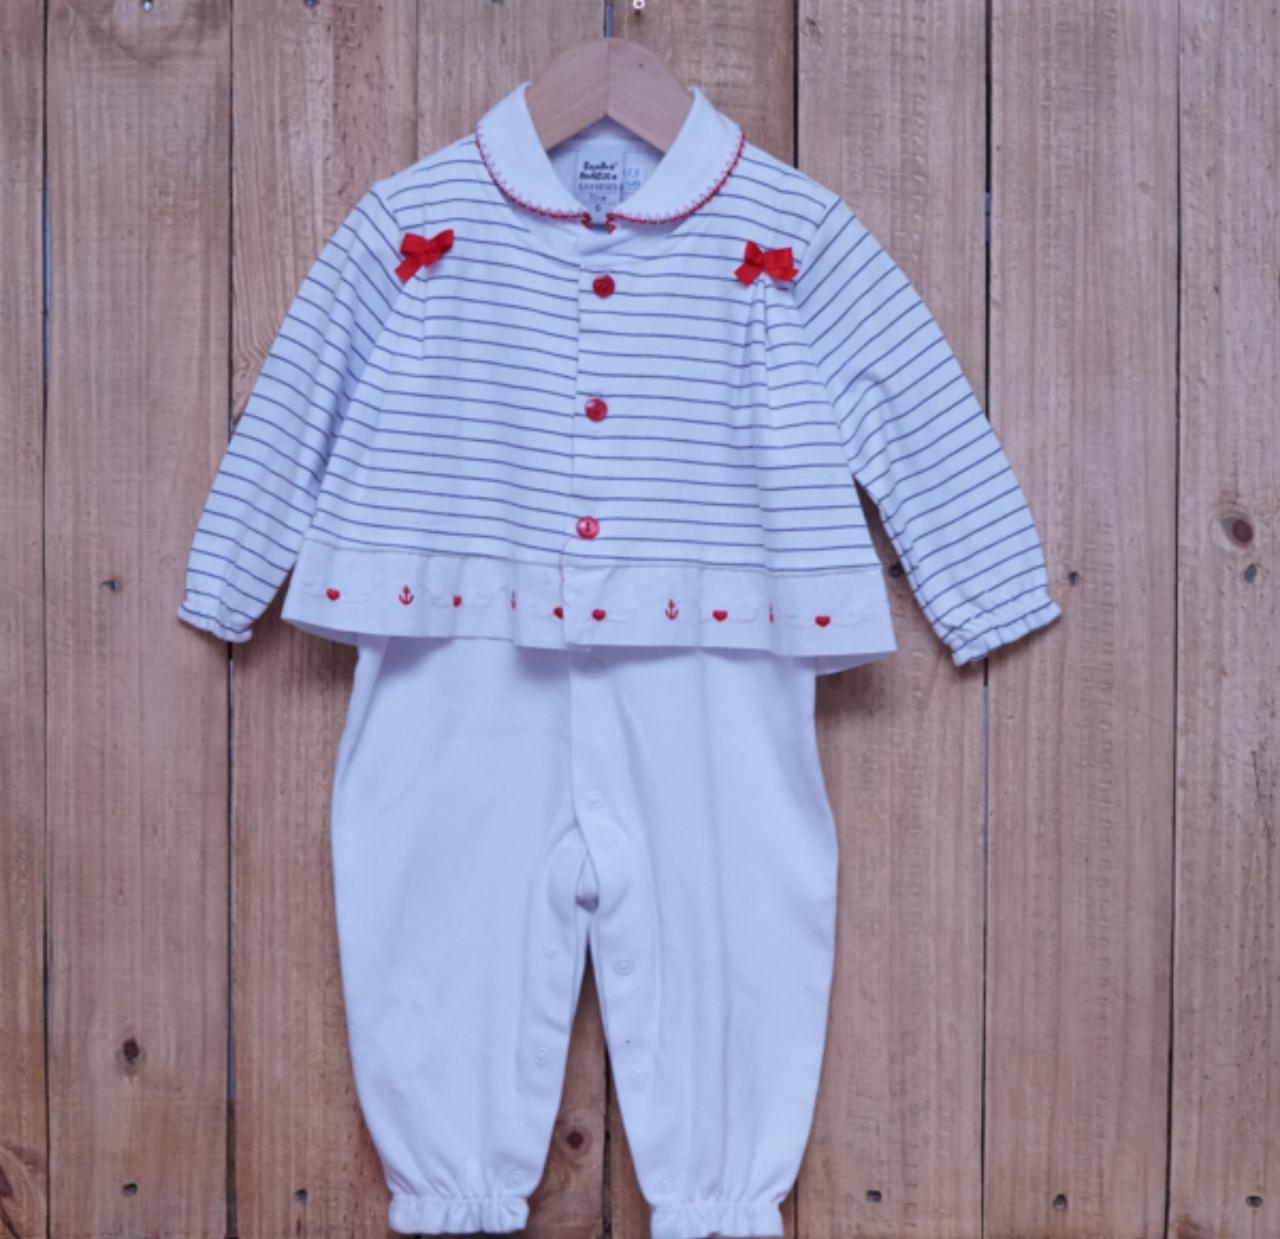 Macacão para Bebê com Gola Polo Bordado  Branco com Detalhe Vermelho